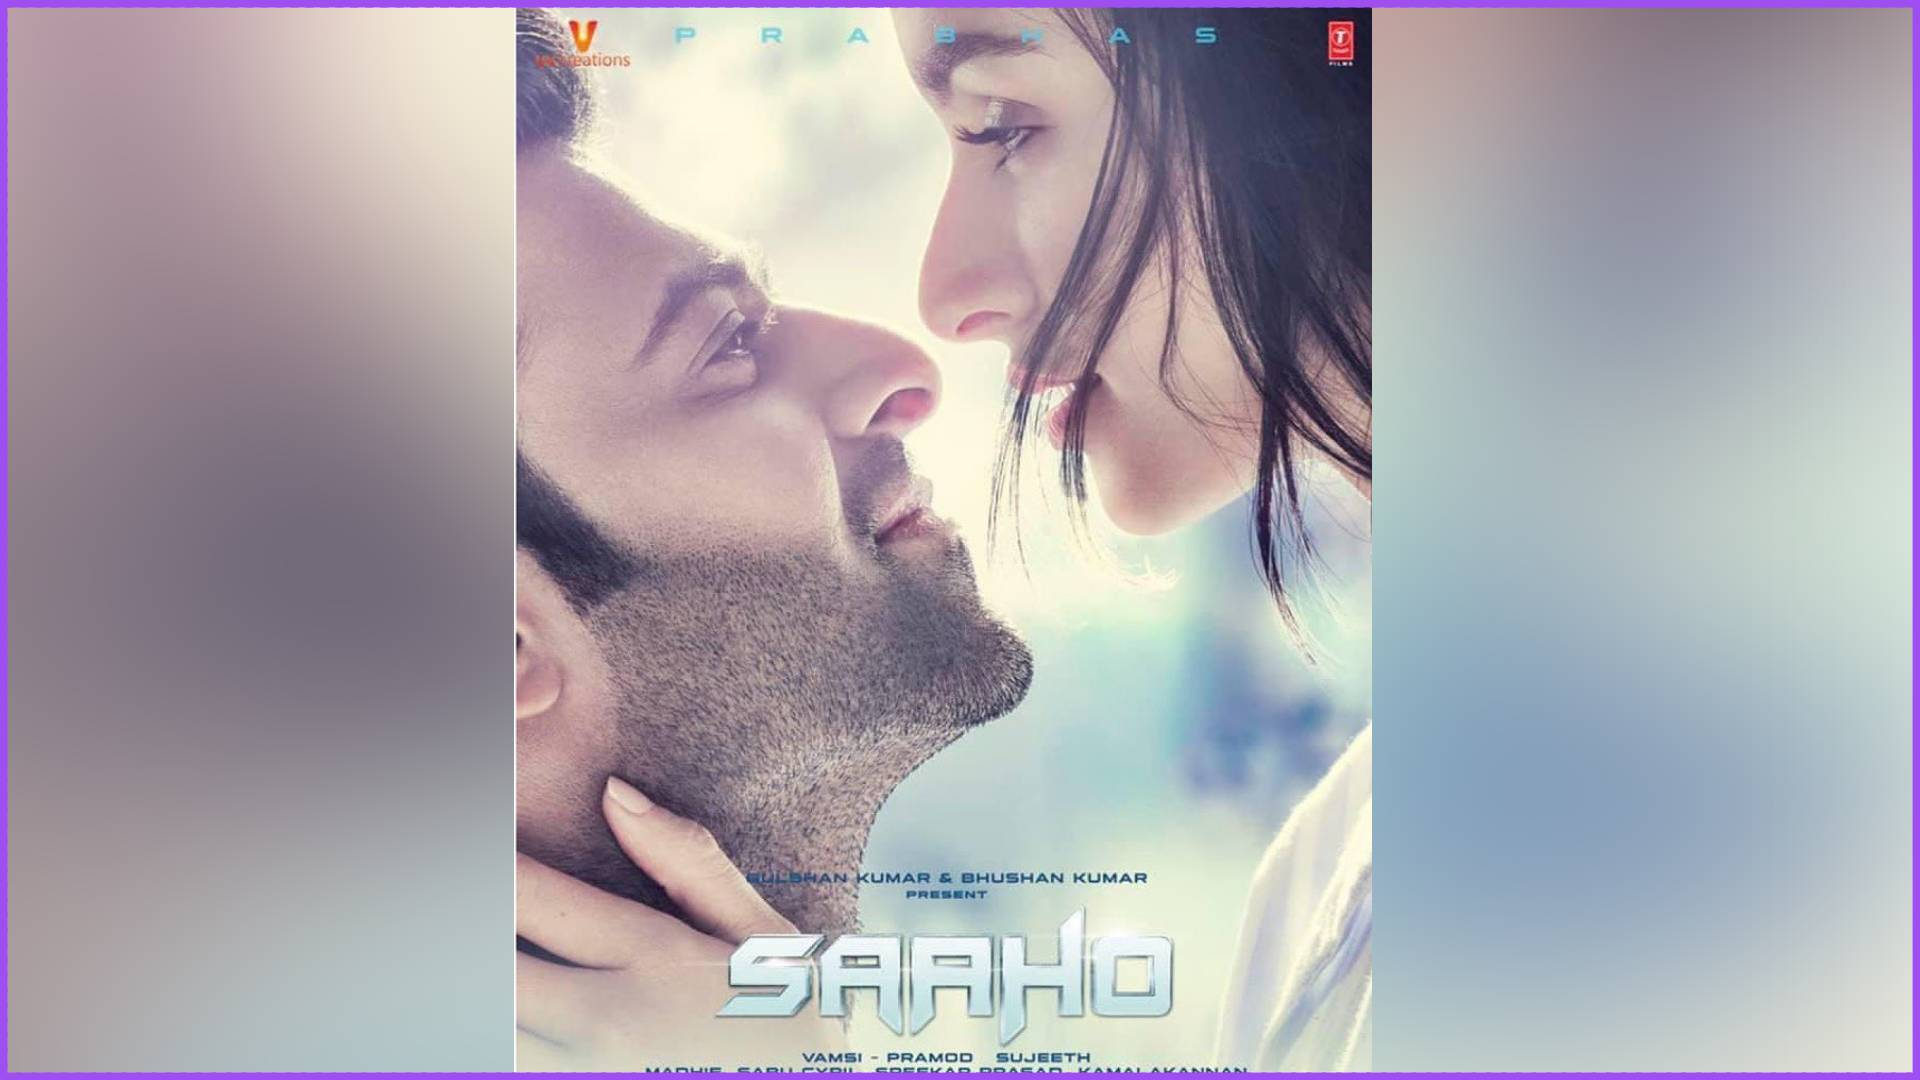 Saaho New Poster Out: साहो का तीसरा पोस्टर आउट, आंखों में आंखें डाले प्यार में डूबे नजर आए श्रद्धा-प्रभास